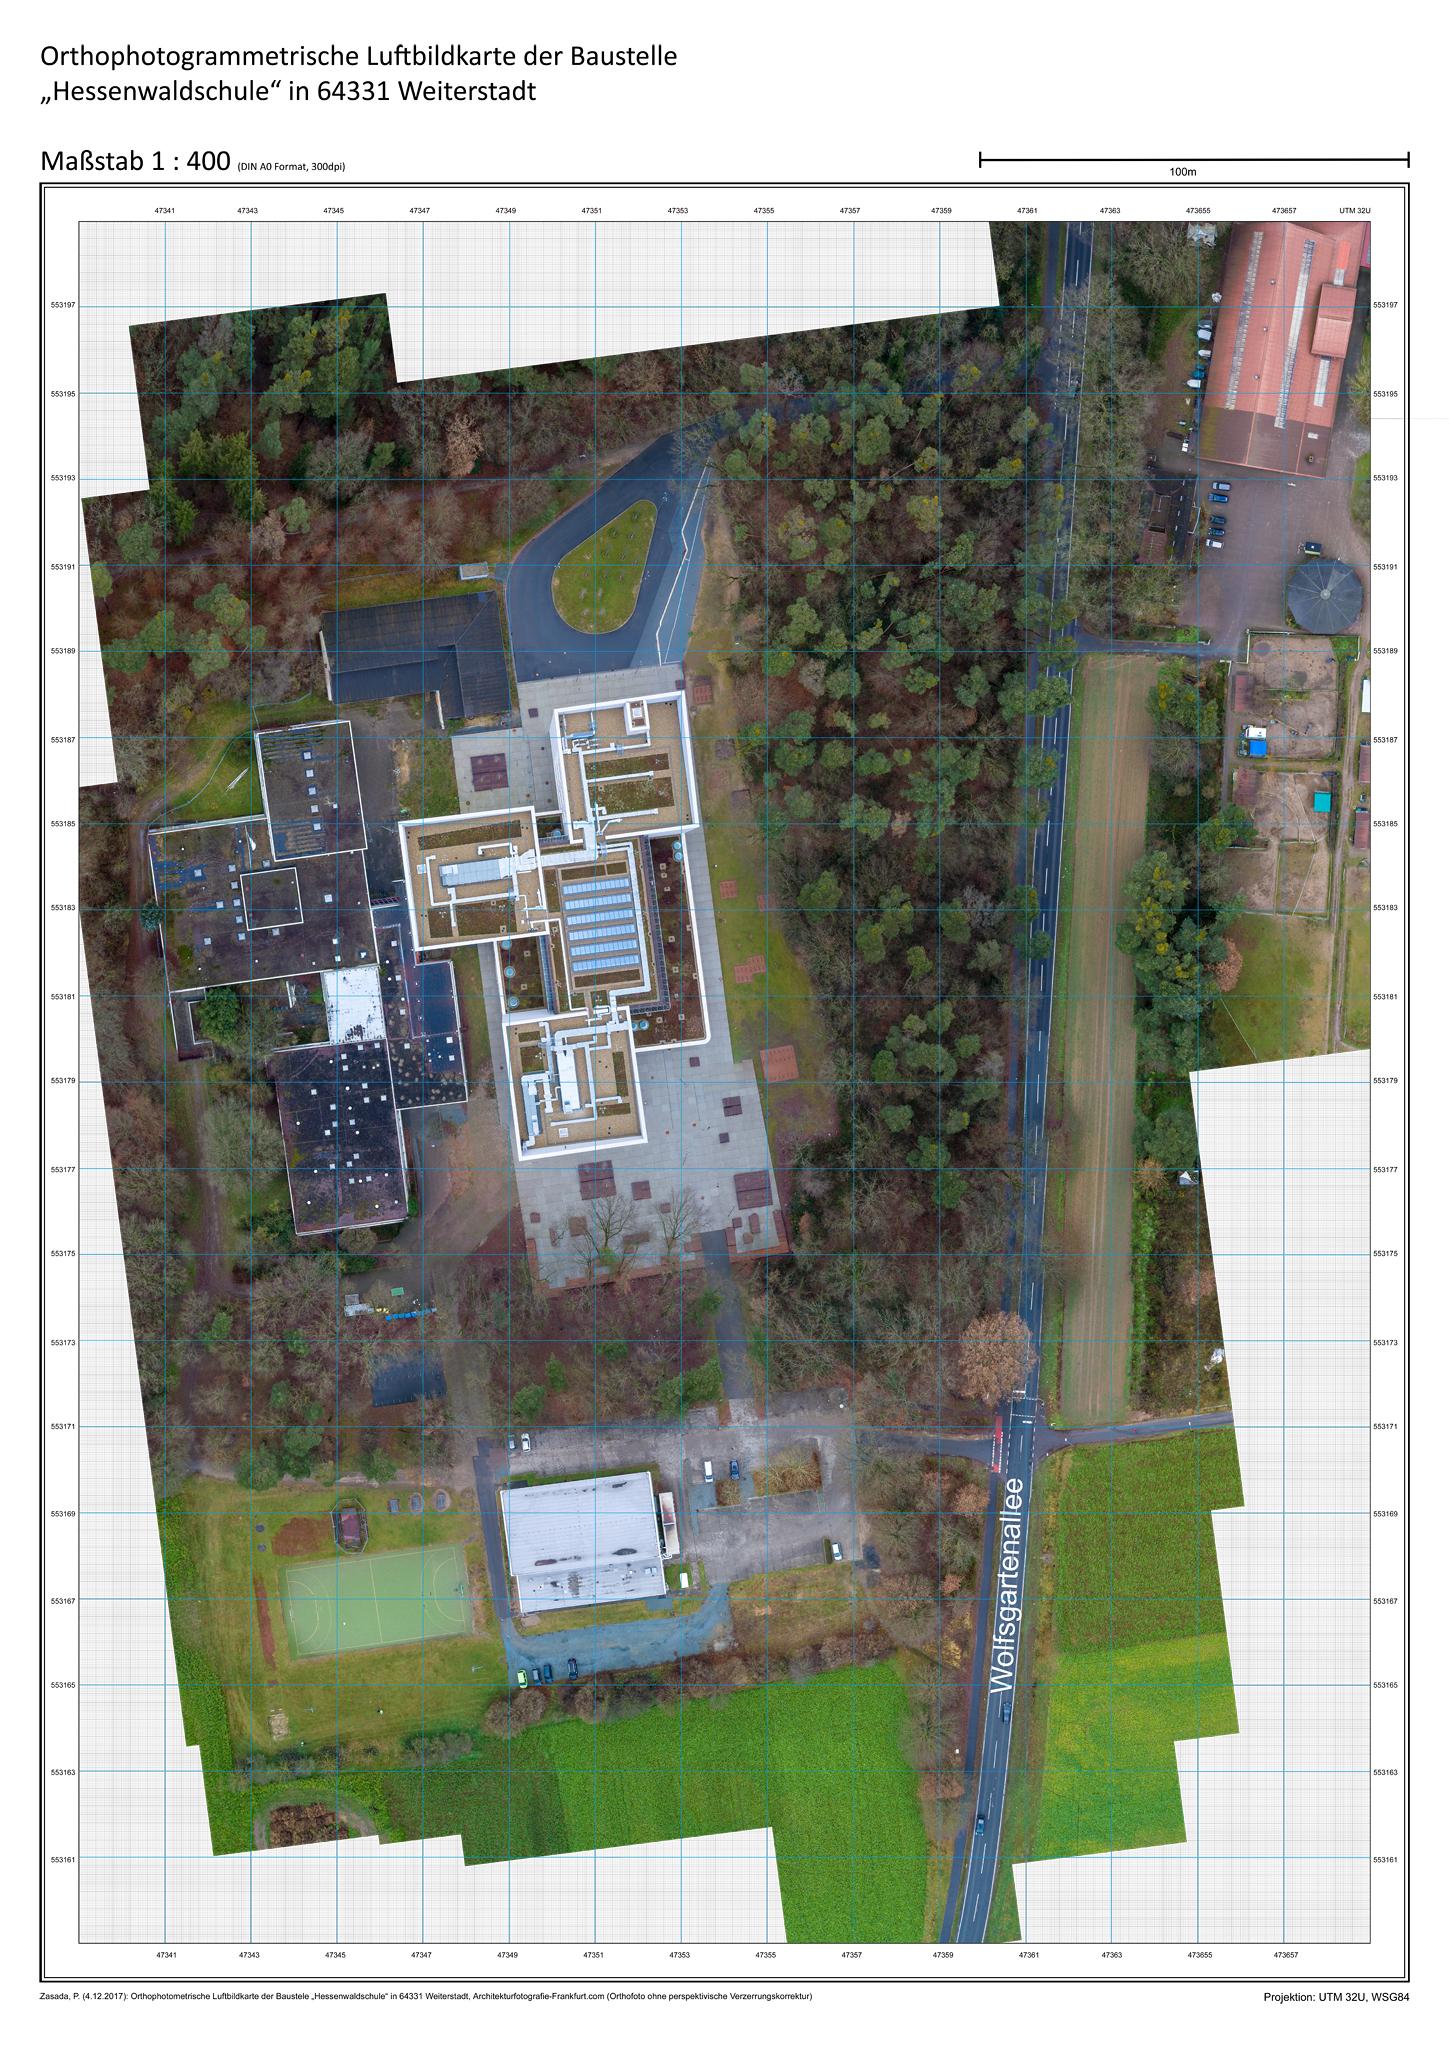 Beispiel für eine DOP Luftbildkarte   :  Georeferenzierte Orthofotos eignen sich für die Visualisierung von Bauvorhaben und Gewerbeansiedlungen, wasserbauliche Maßnahmen und Stadtplanungen, oder für detaillierte Beweissicherungszwecke und die Baudokumentation.